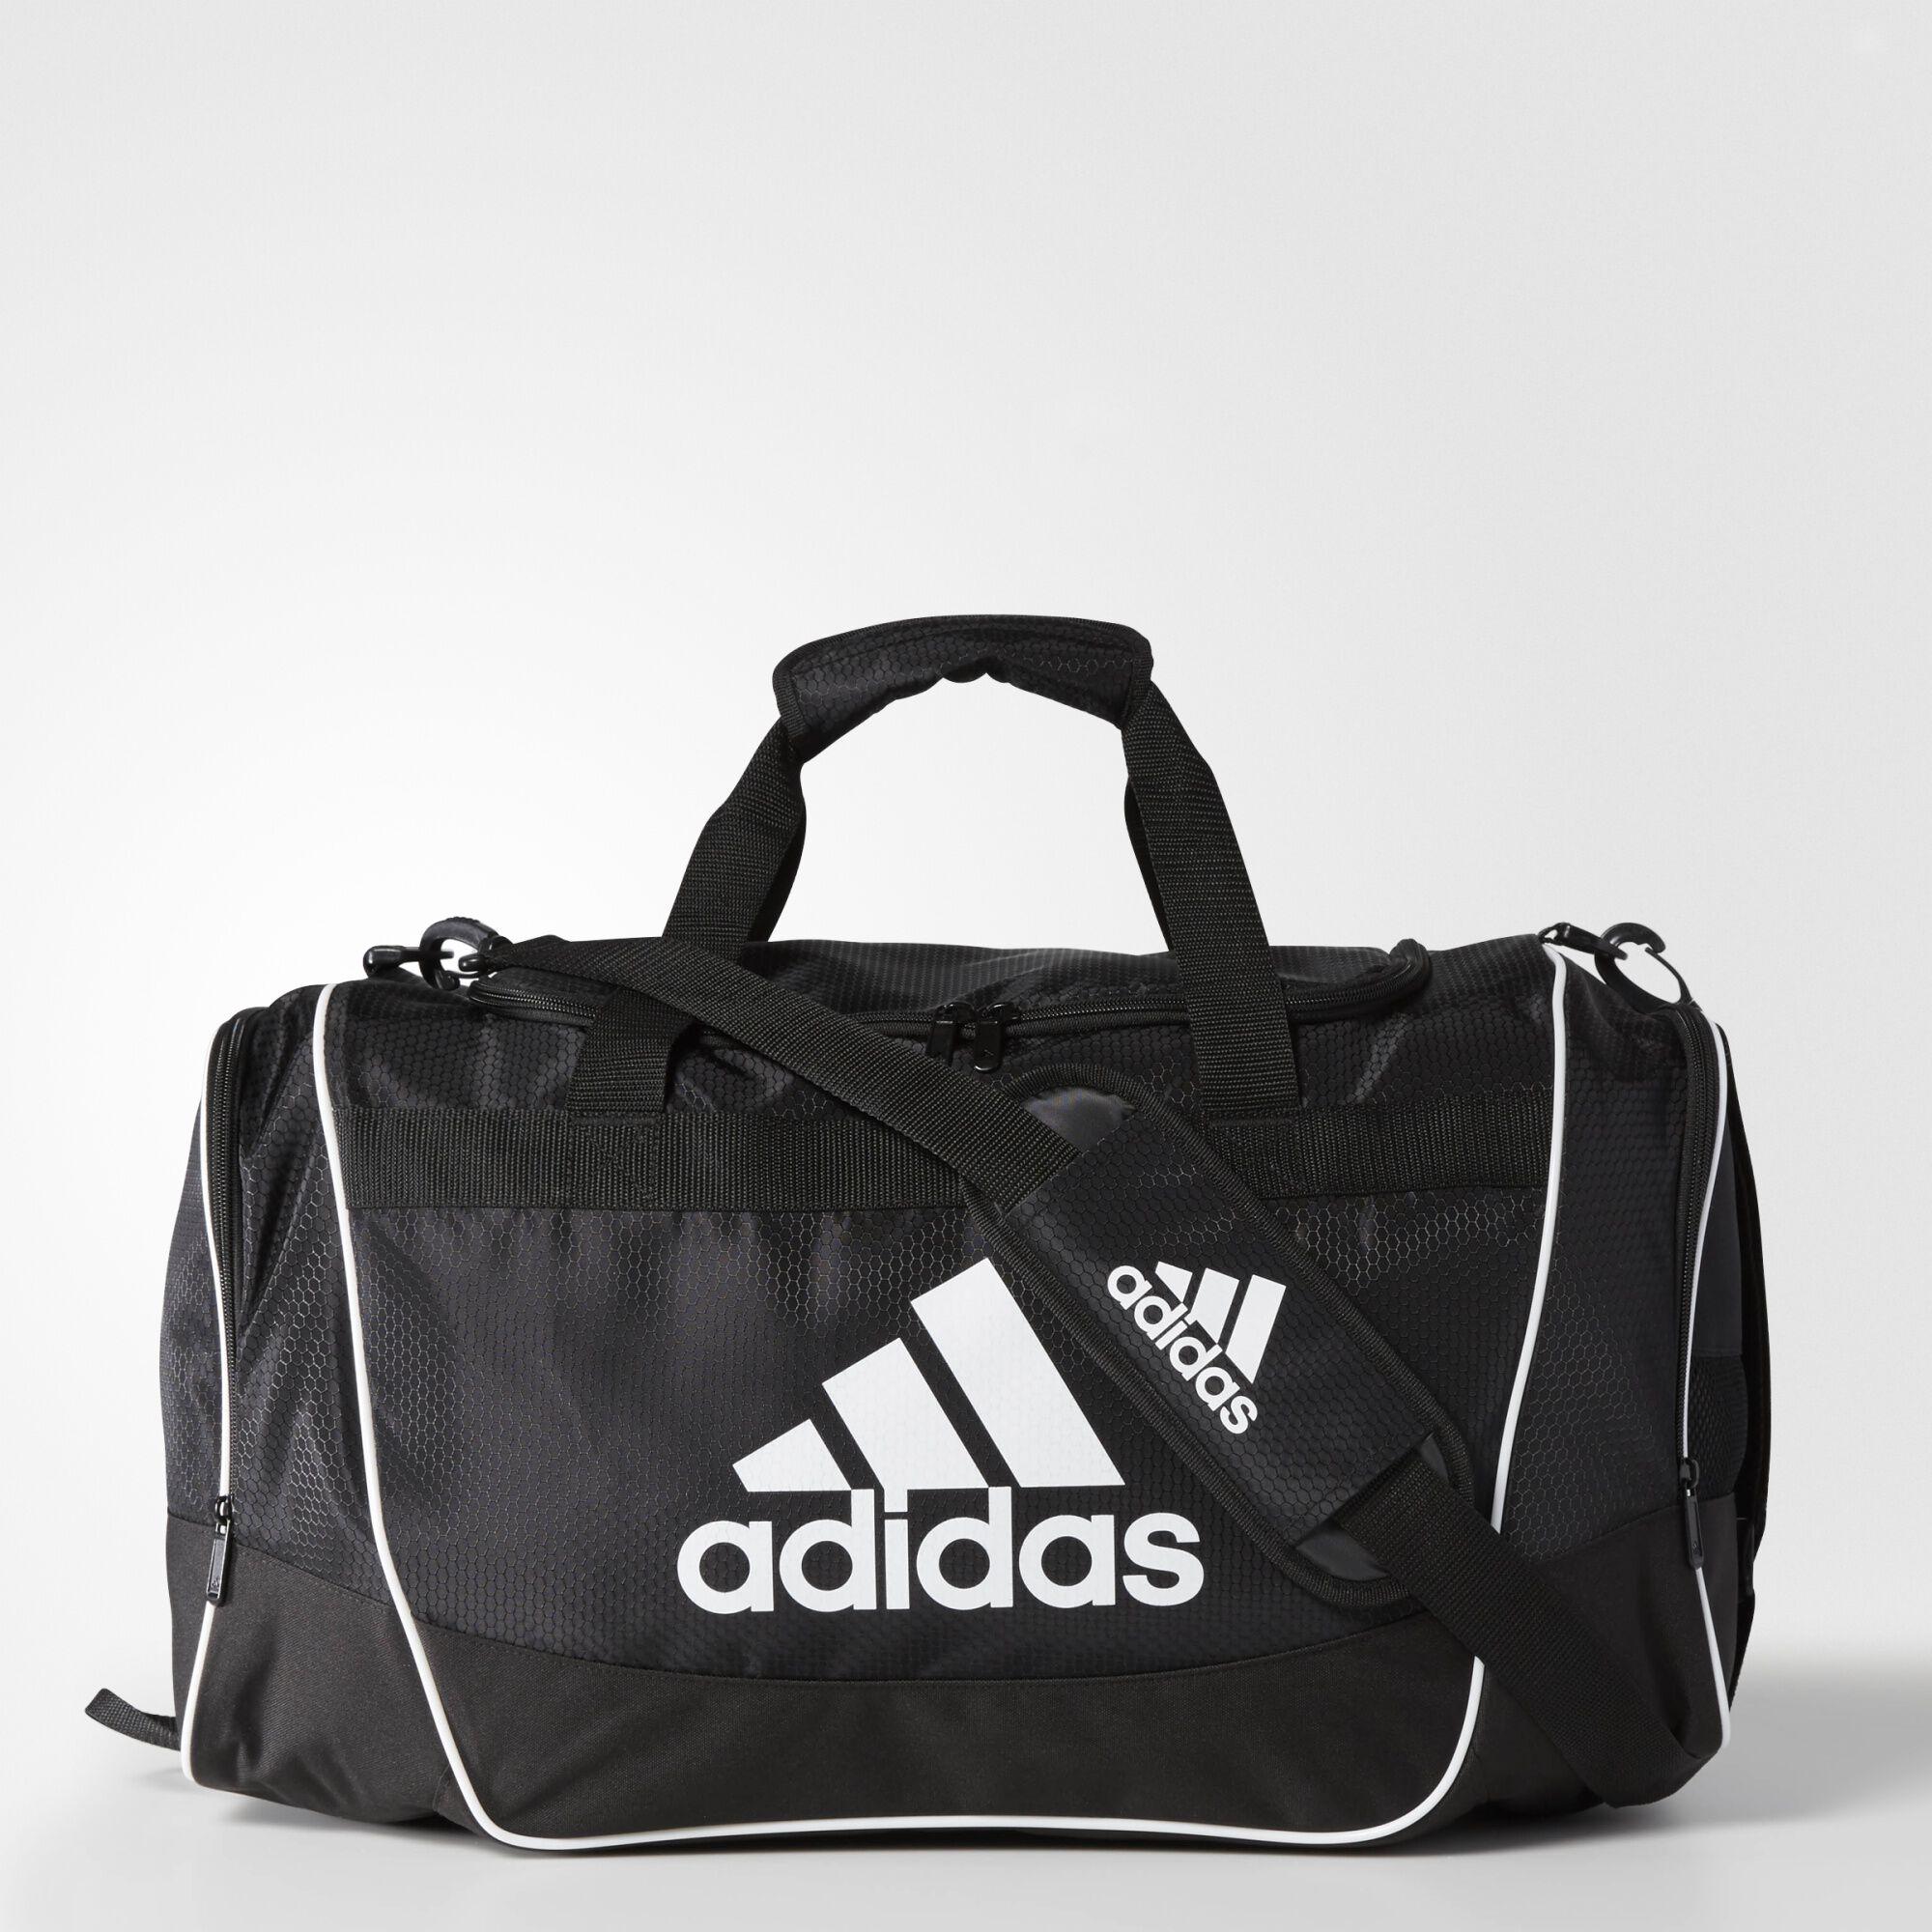 Adidas Gym Duffel Bag